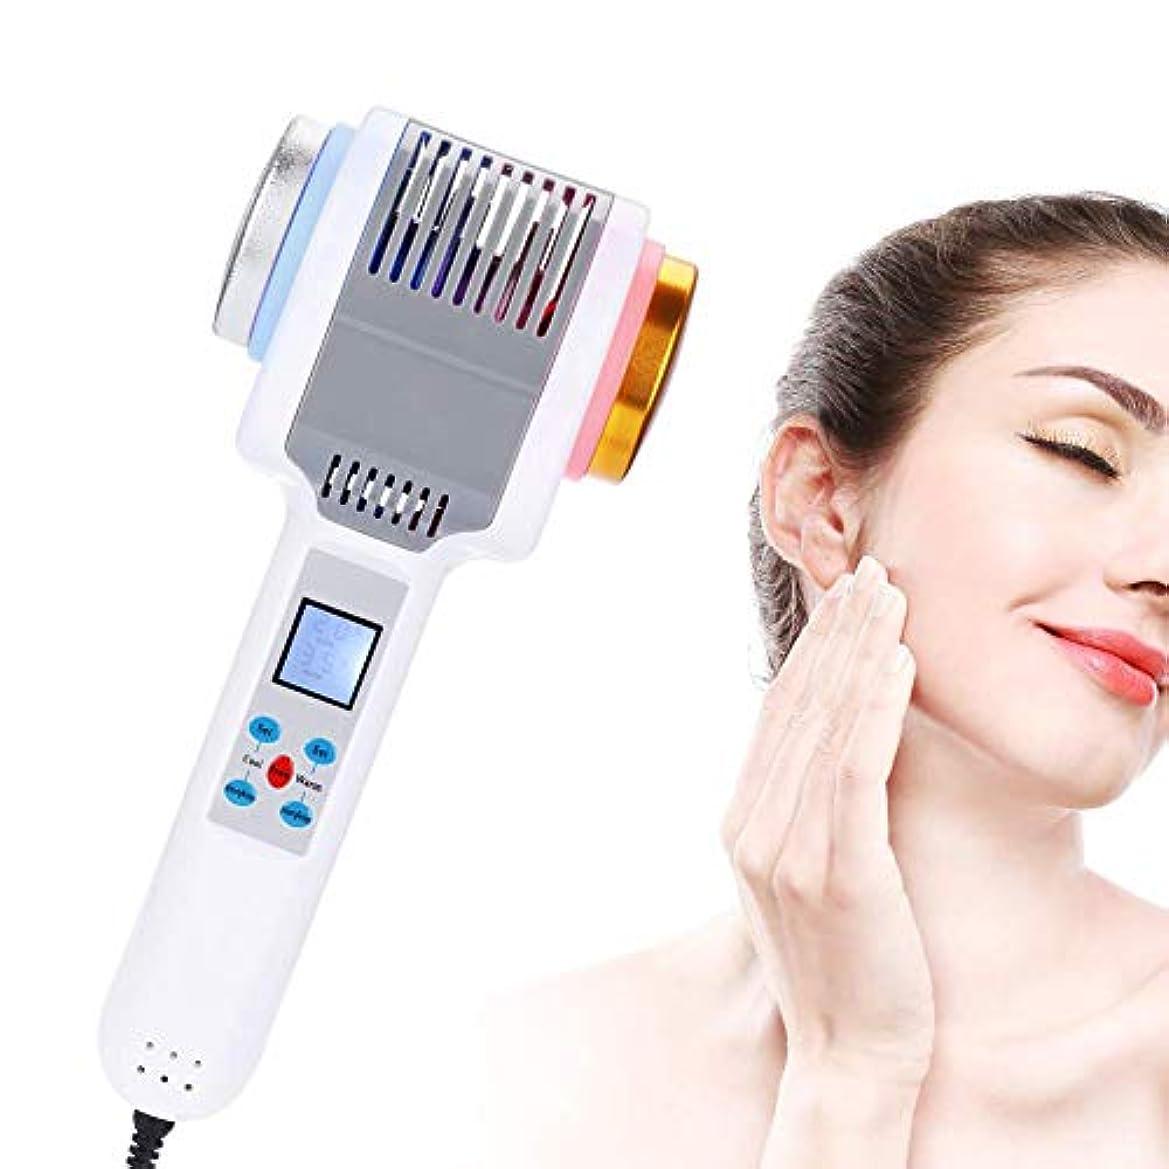 失業者ベリー失速光子療法機ホット&コールドハンマーアイスファイアダブルヘッド振動マッサージ美容機器削除しわ明るい顔の引き締め美容若返りツール